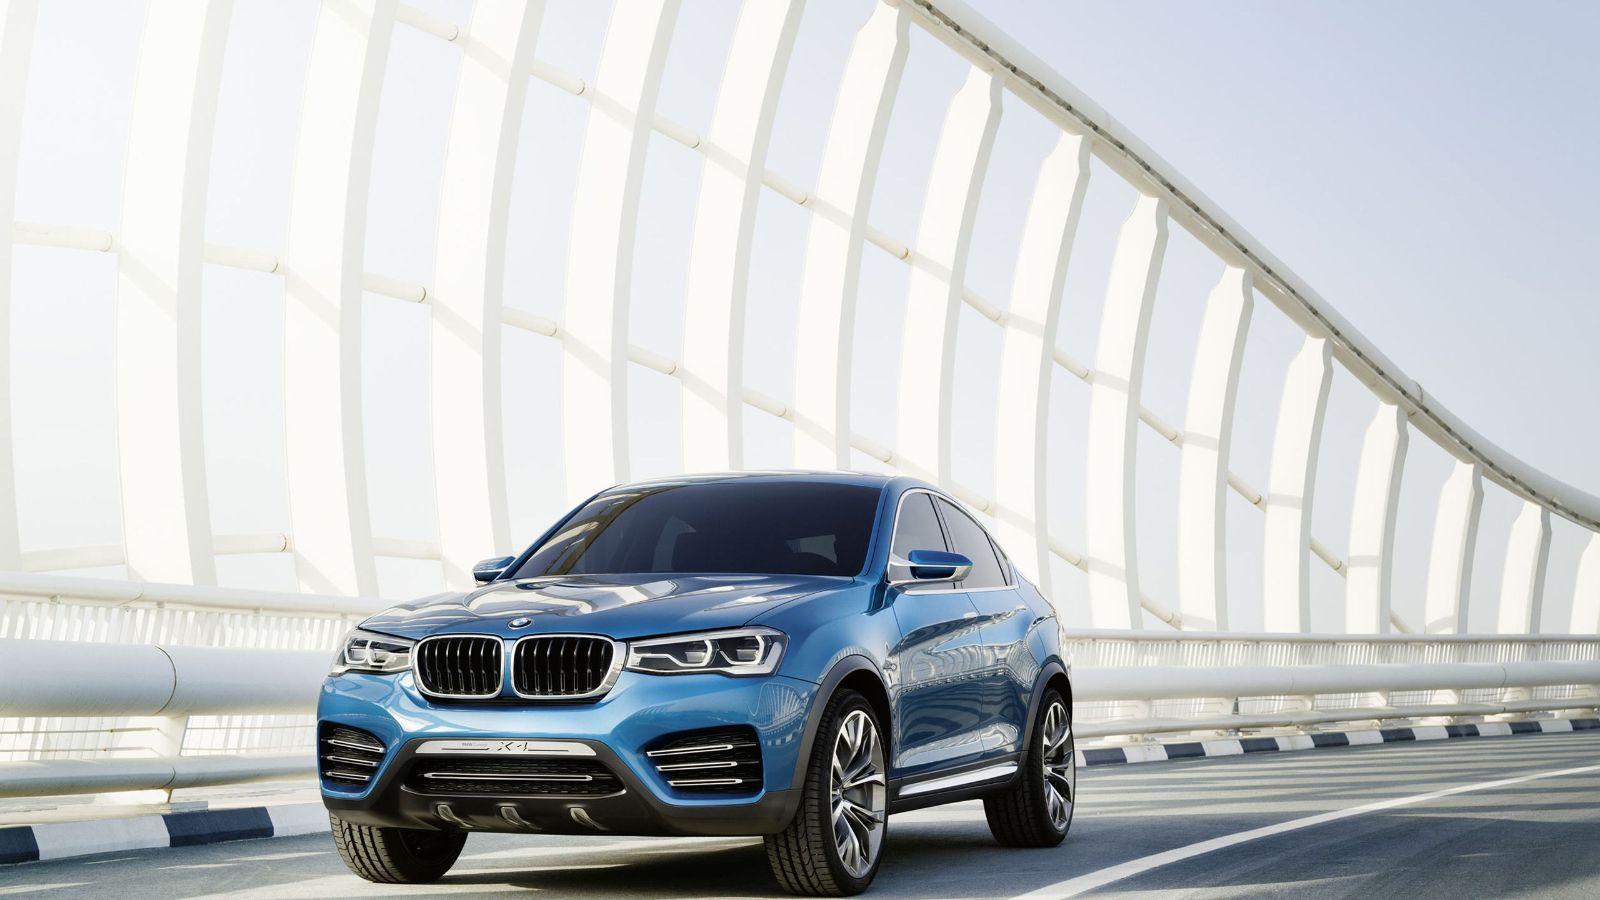 宝马计划2020年批量生产电动汽车 夺取市场份额